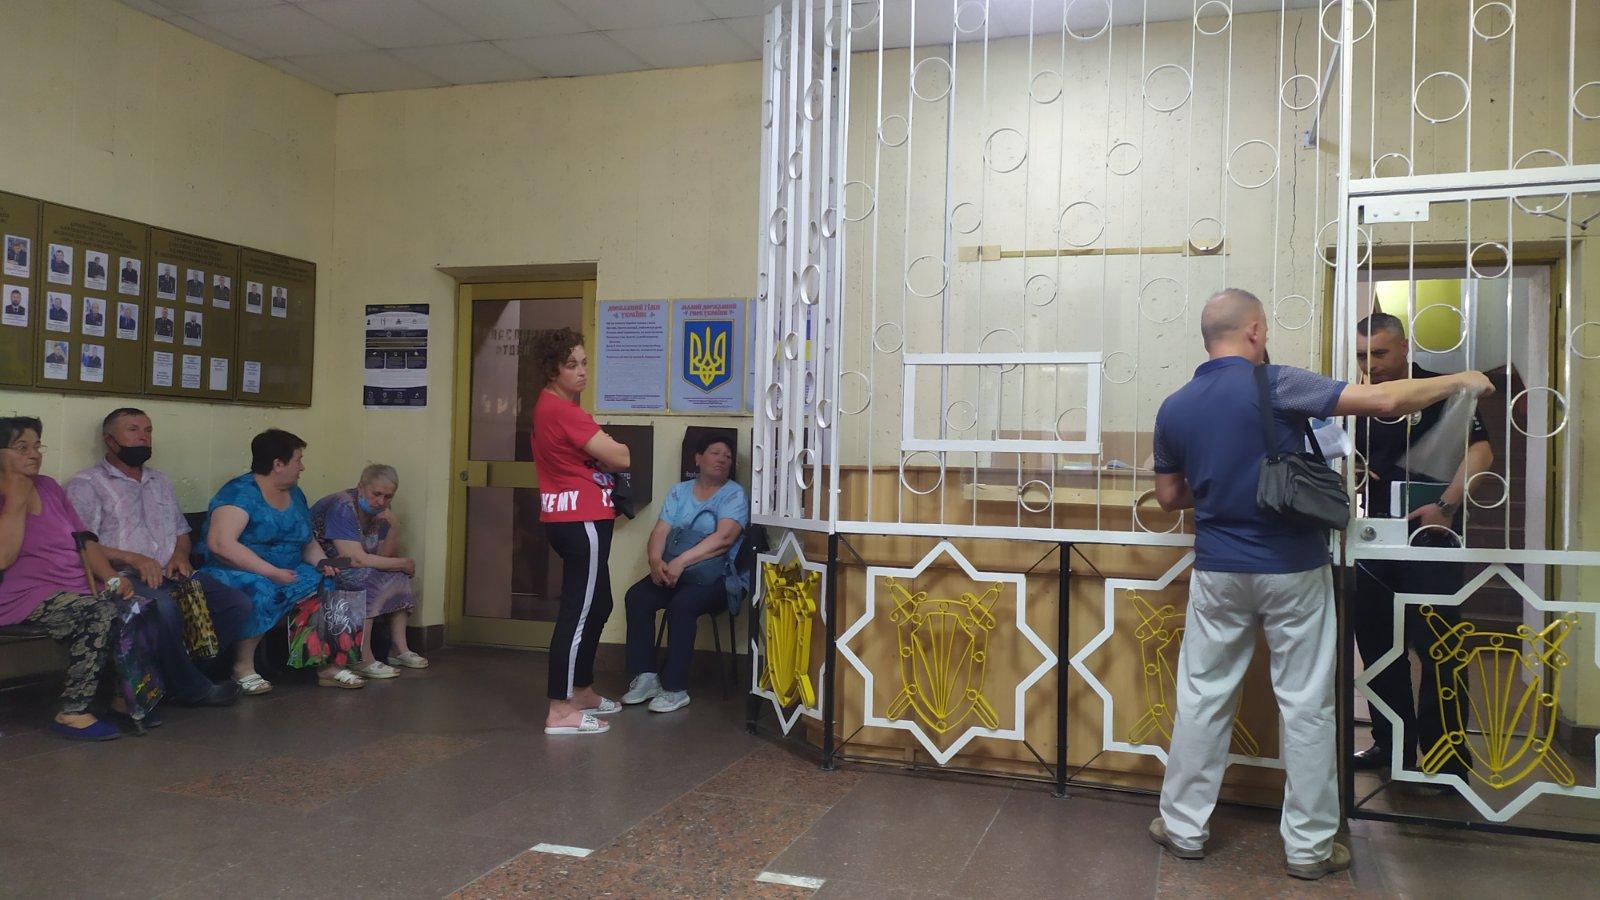 Со своими жалобами, на прием к новому начальнику Павлоградской полиции записались 54 человека, разговор продлится до ночи